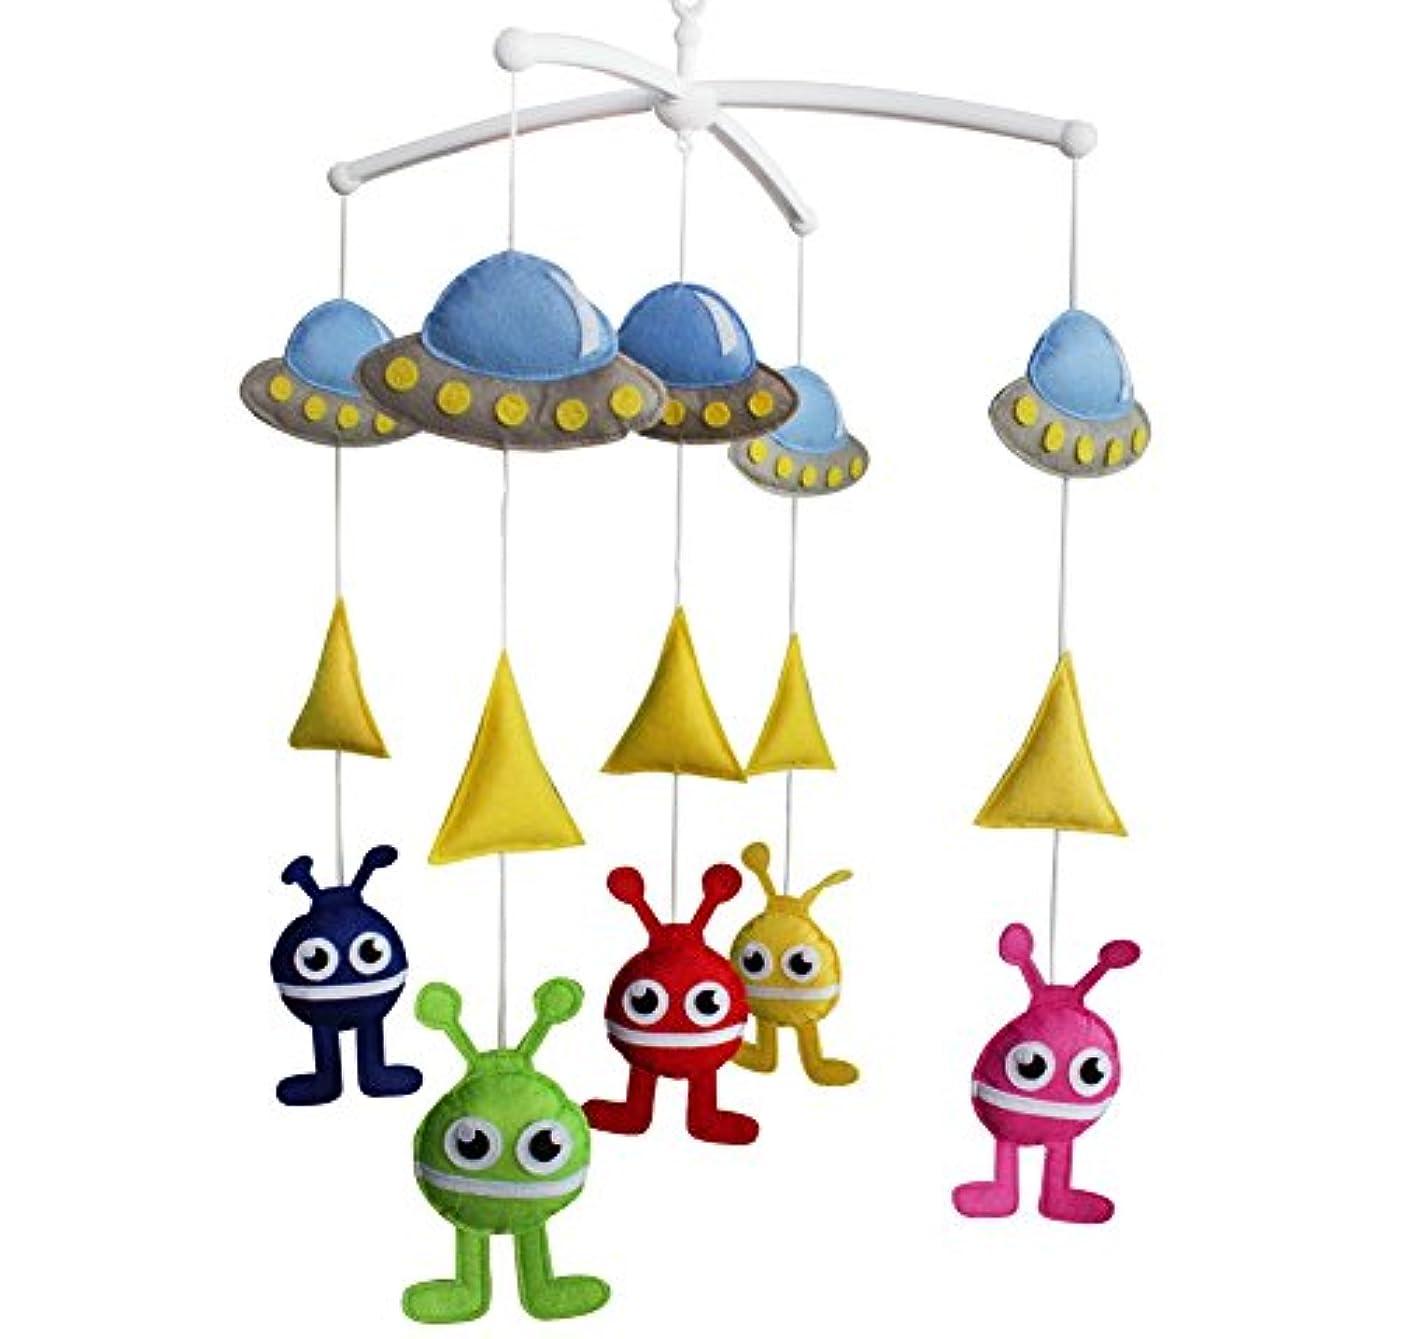 ドローフィット小石ベビーおもちゃ、幼児ミュージカルモバイル[宇宙船と怪物]、ベッドベル